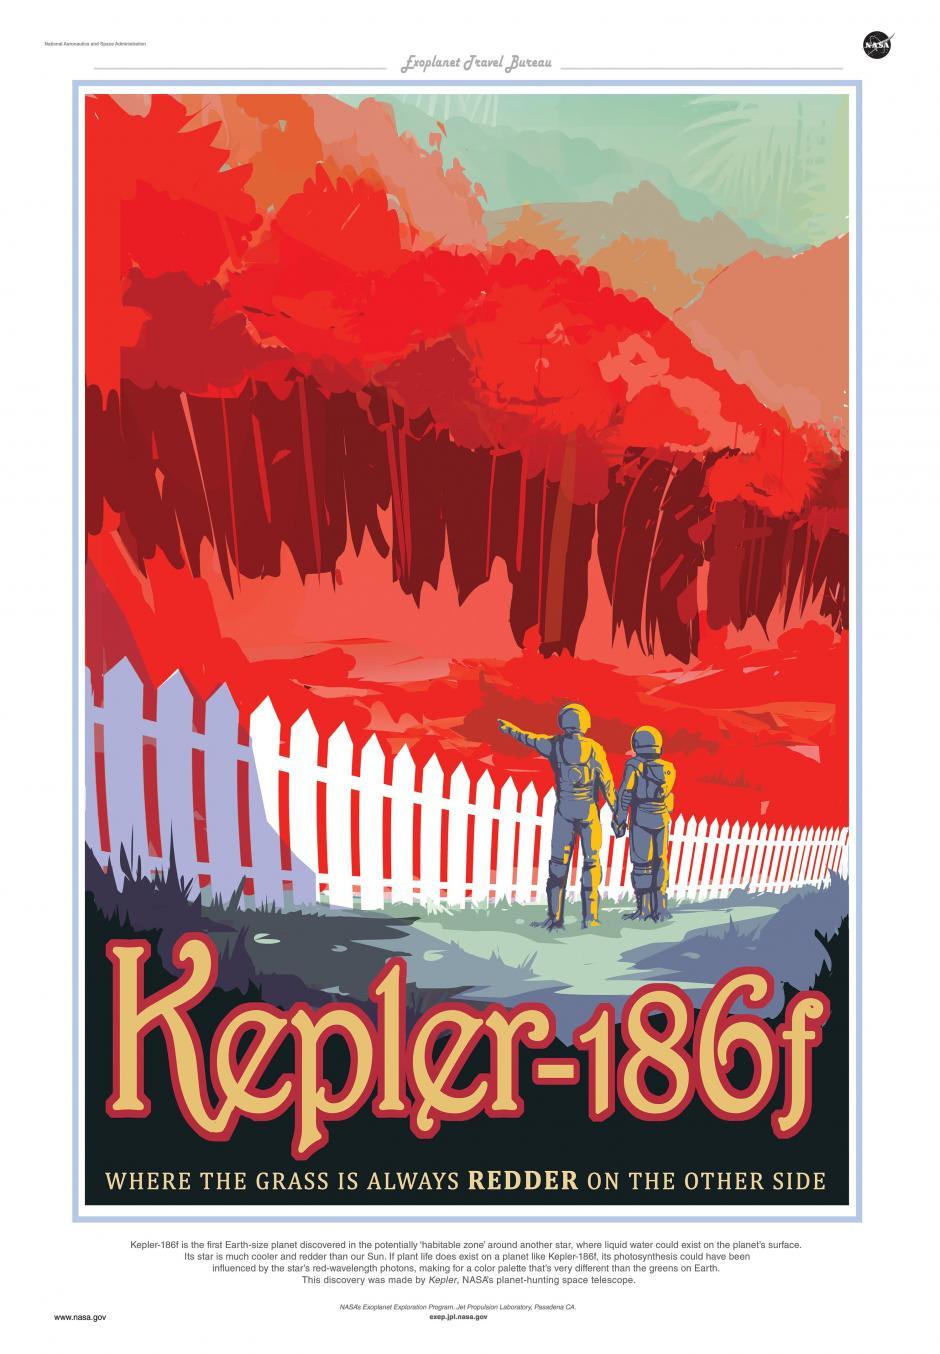 1-7-15-kepler-186f